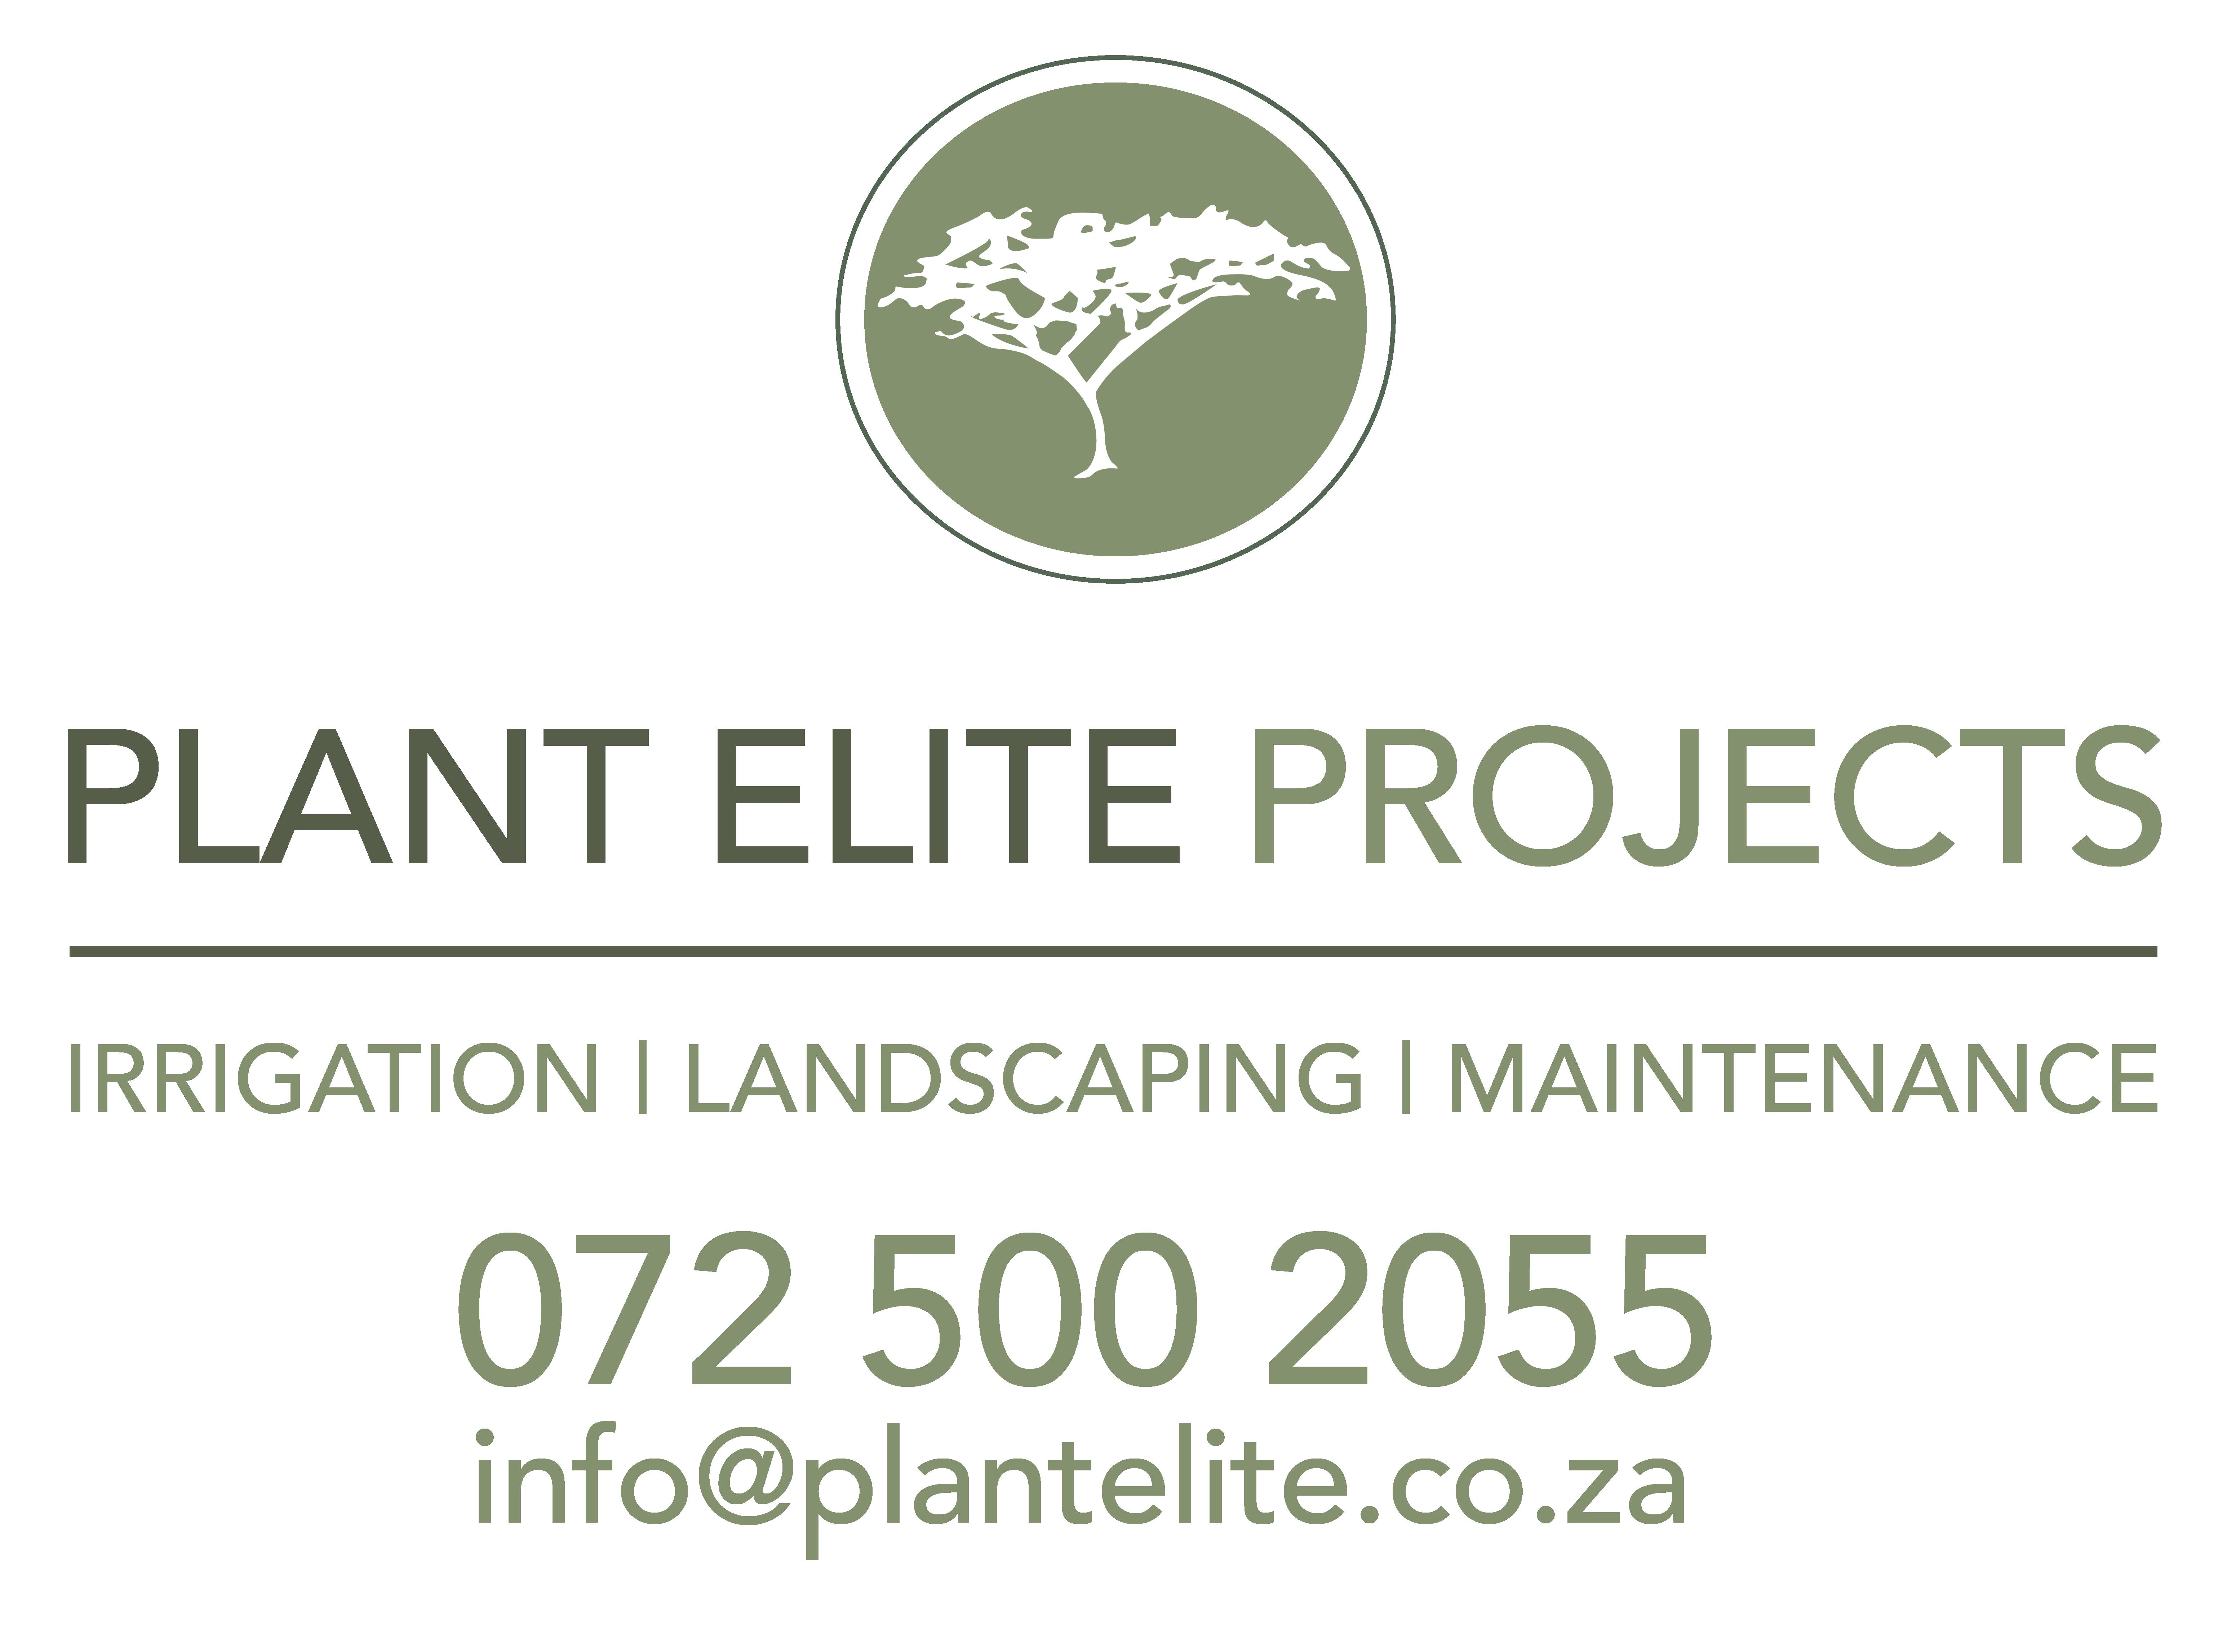 Plant Elite